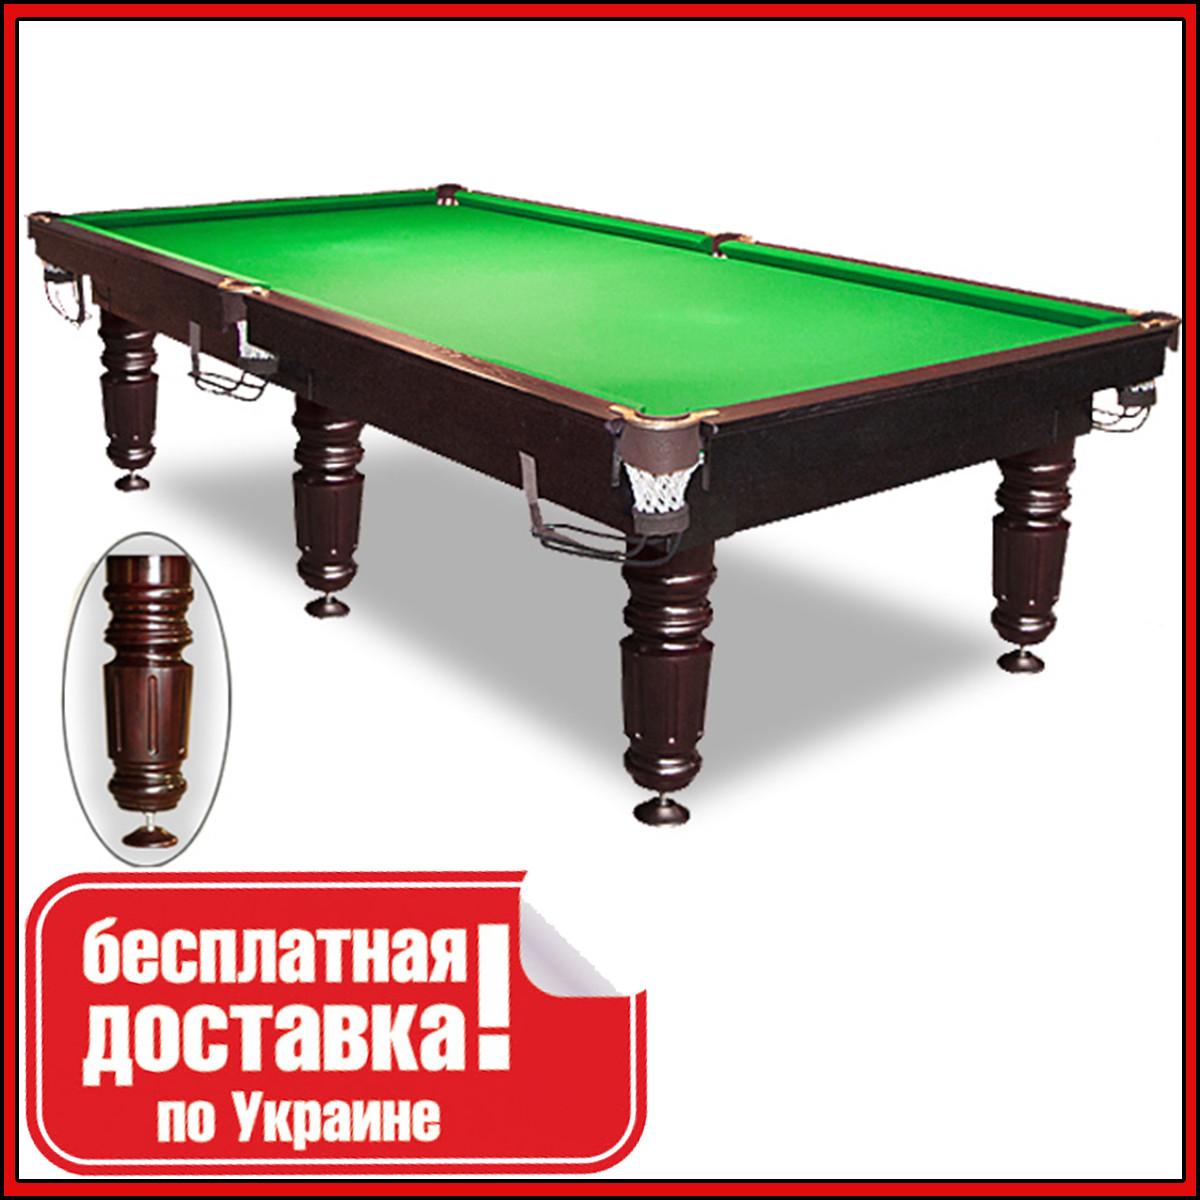 Бильярдный стол для пула СИРИУС 7 футов Ардезия 2.0 м х 1.0 м из натурального дерева